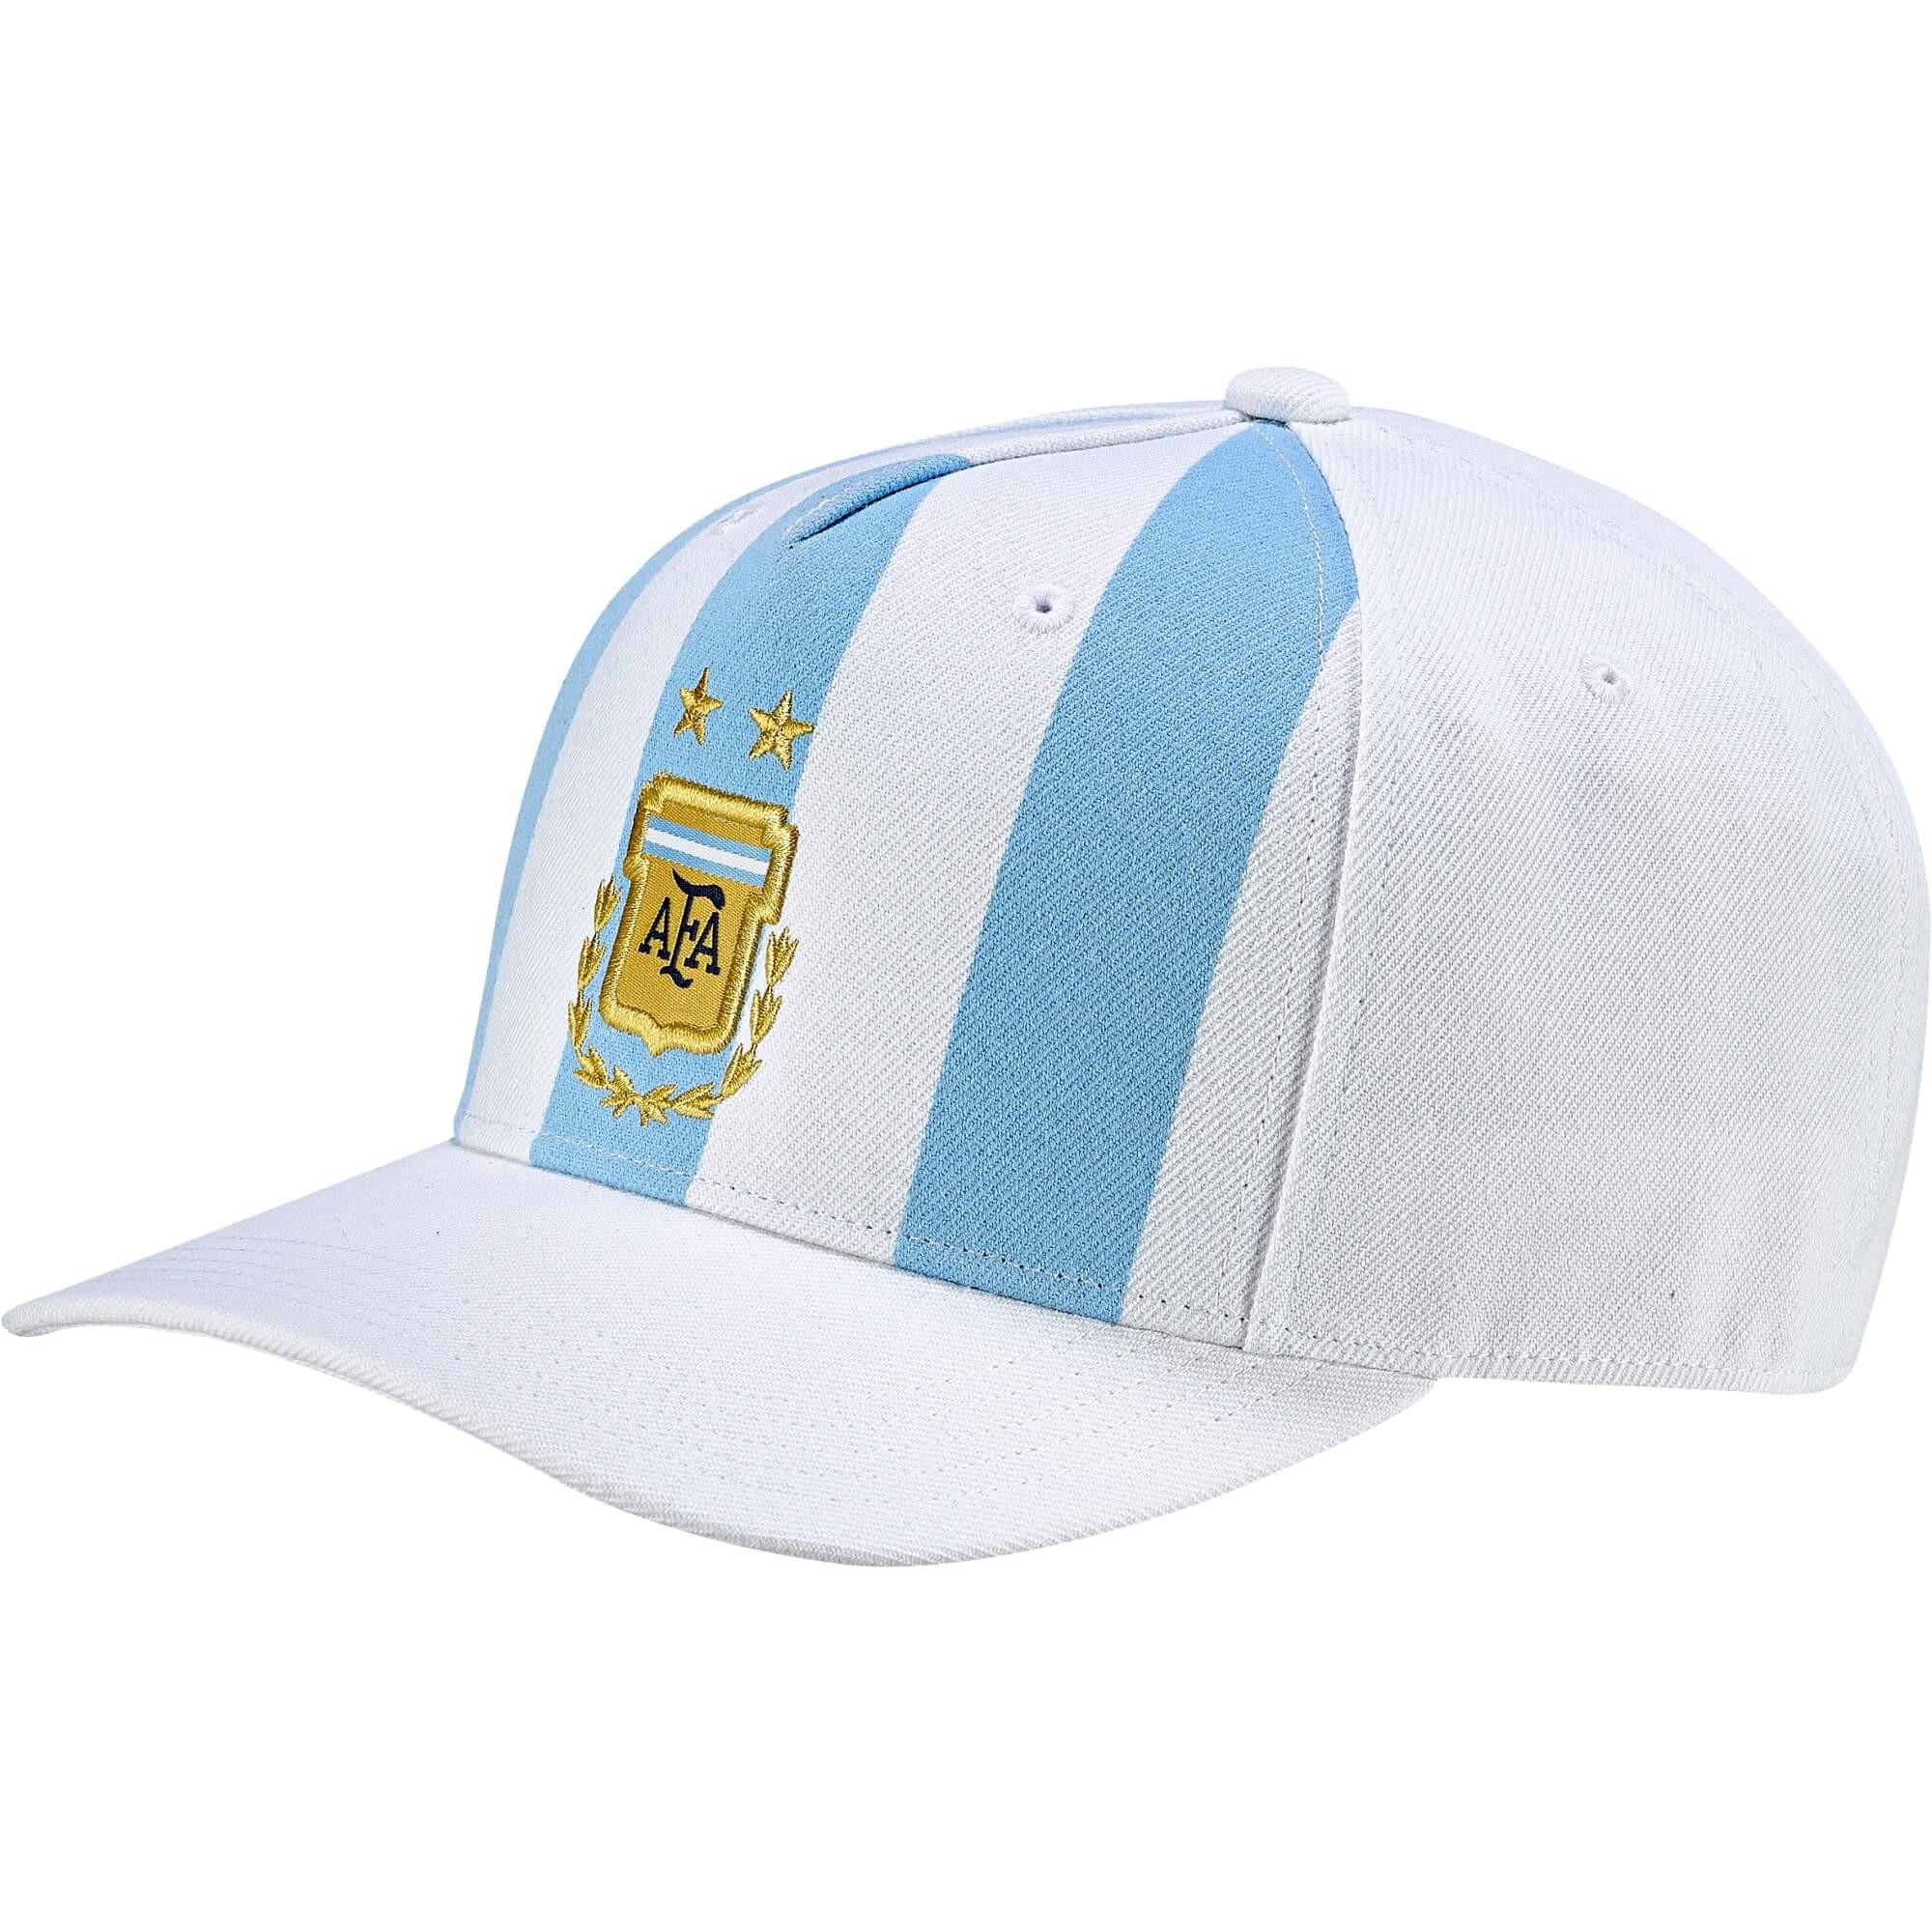 Adidas argentine casquette blanc 2018 accessoires for Univers du jardin maule 78